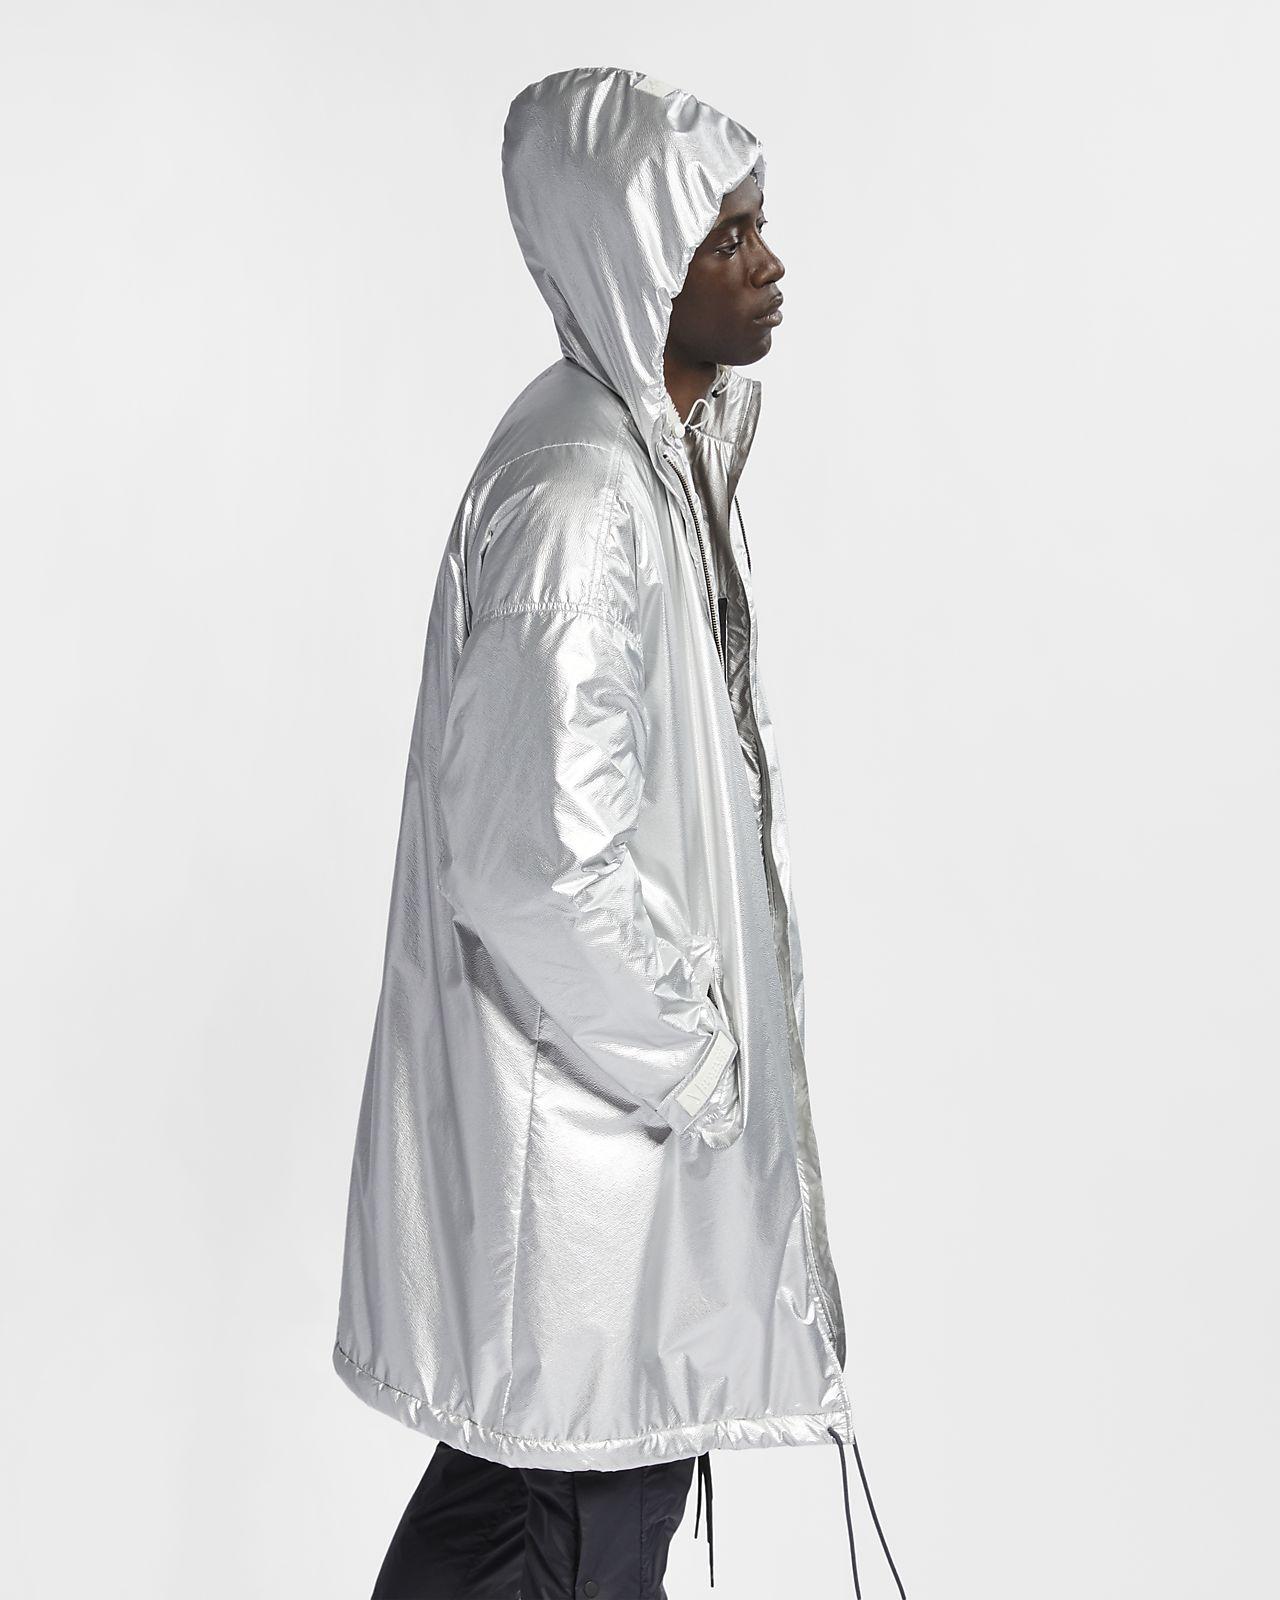 532336e43 Nike x Fear of God Men's Parka. Nike.com GB